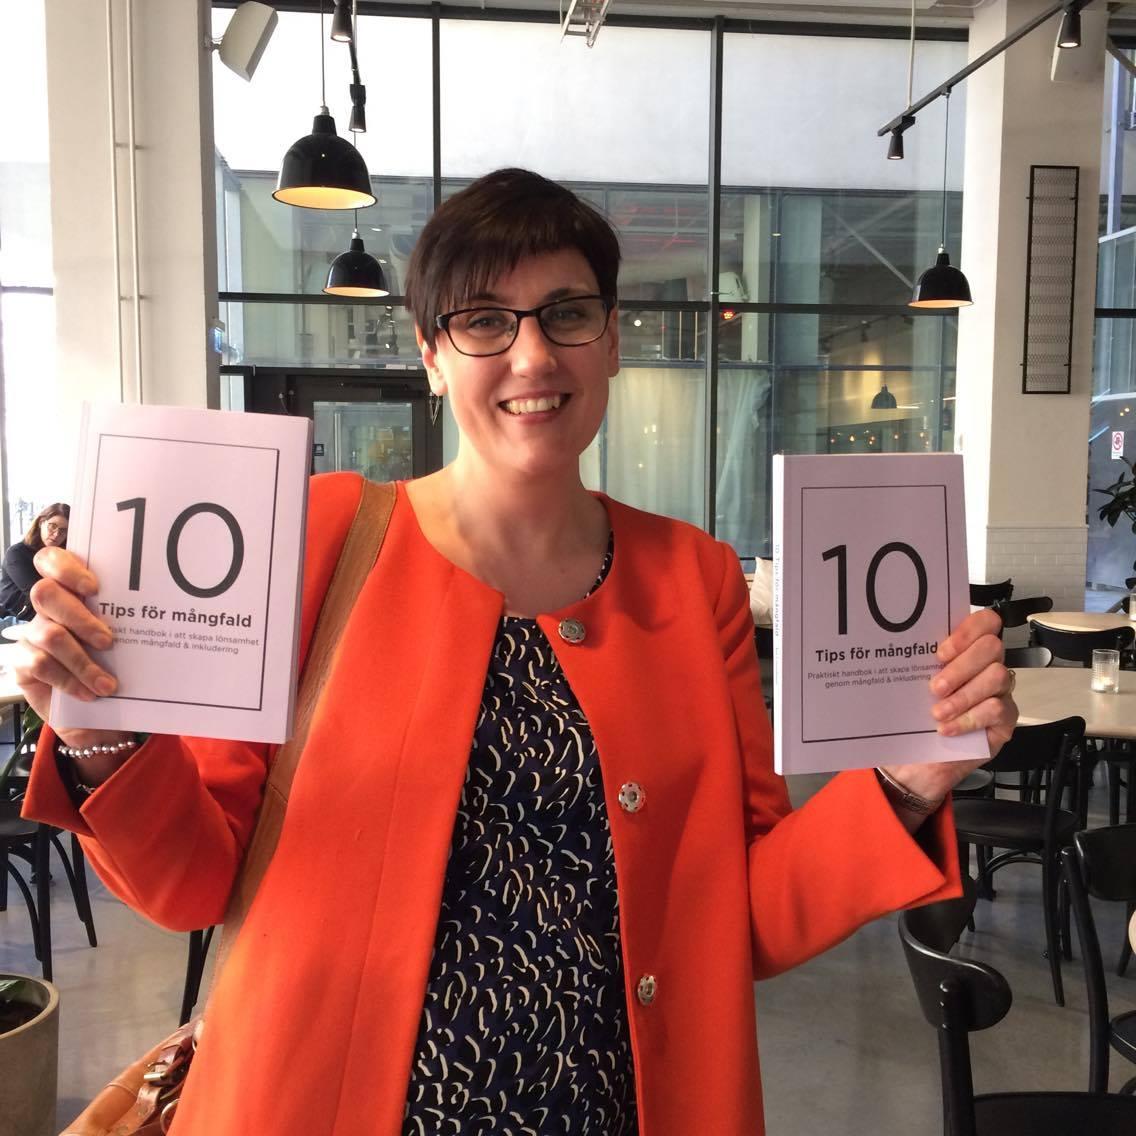 Åsa Gustafsson håller upp boke 10 tips för mångfald